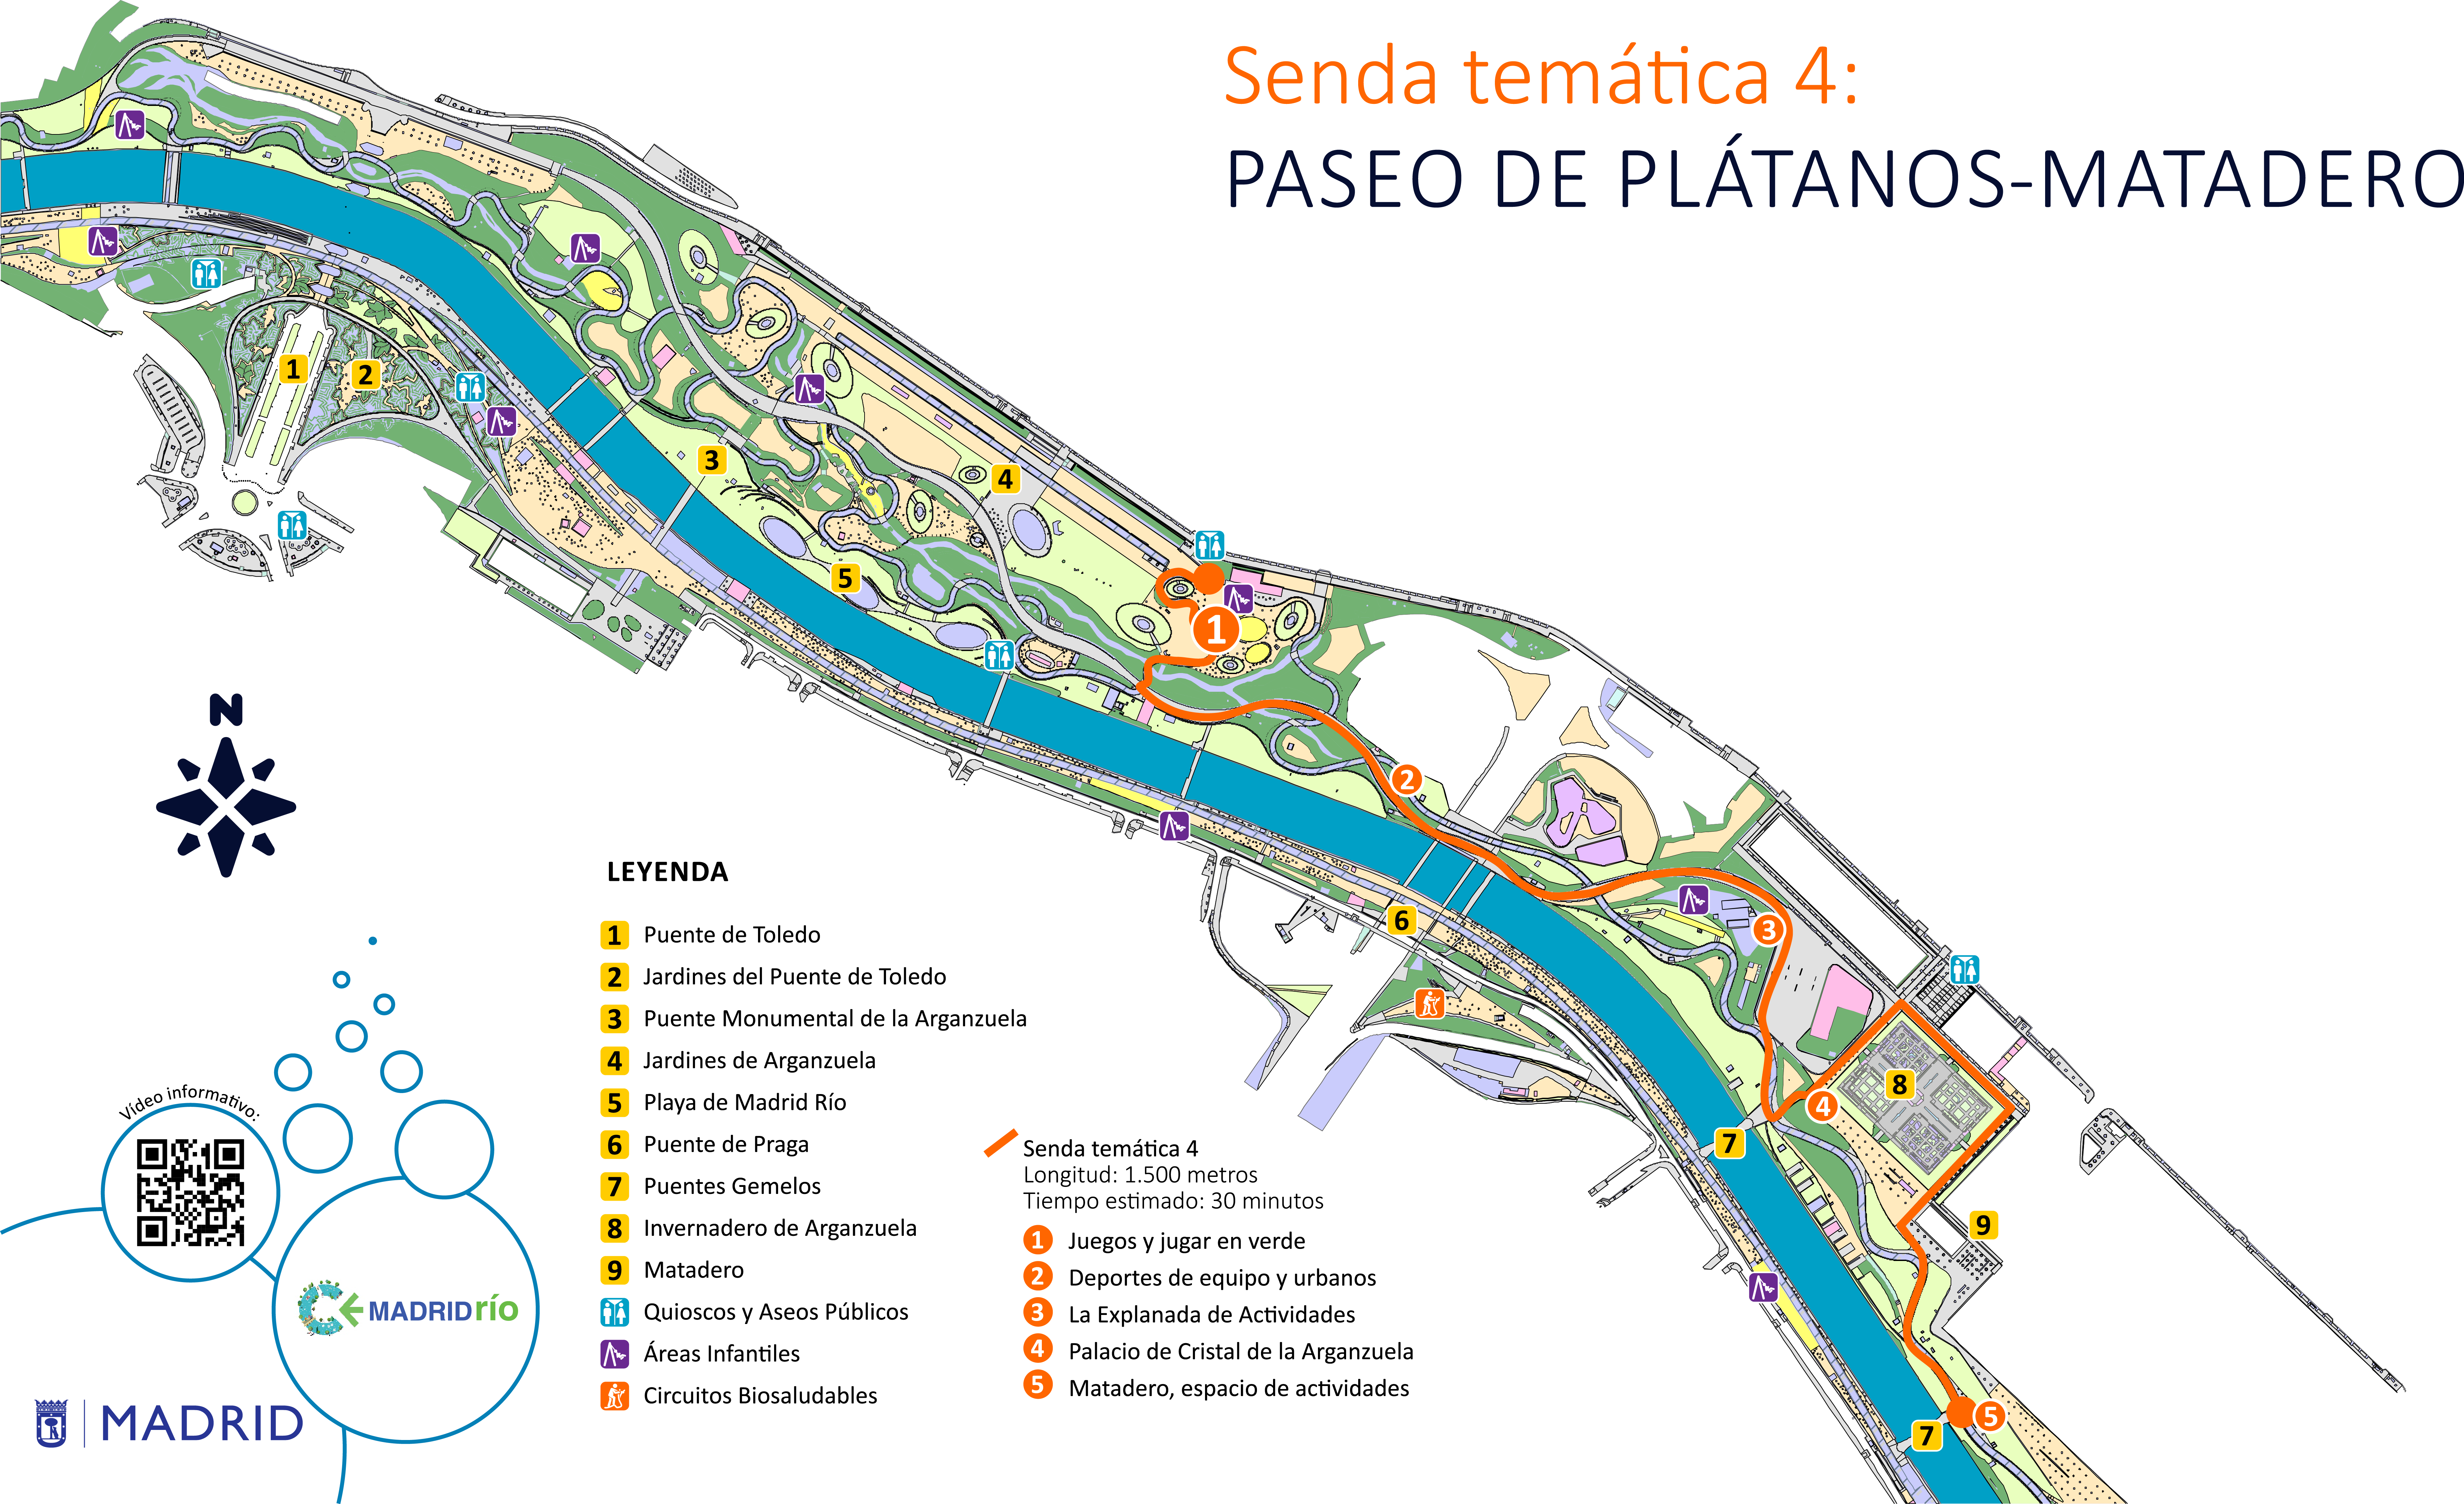 Mapa senda temática 4, Paseo de los plátanos, matadero